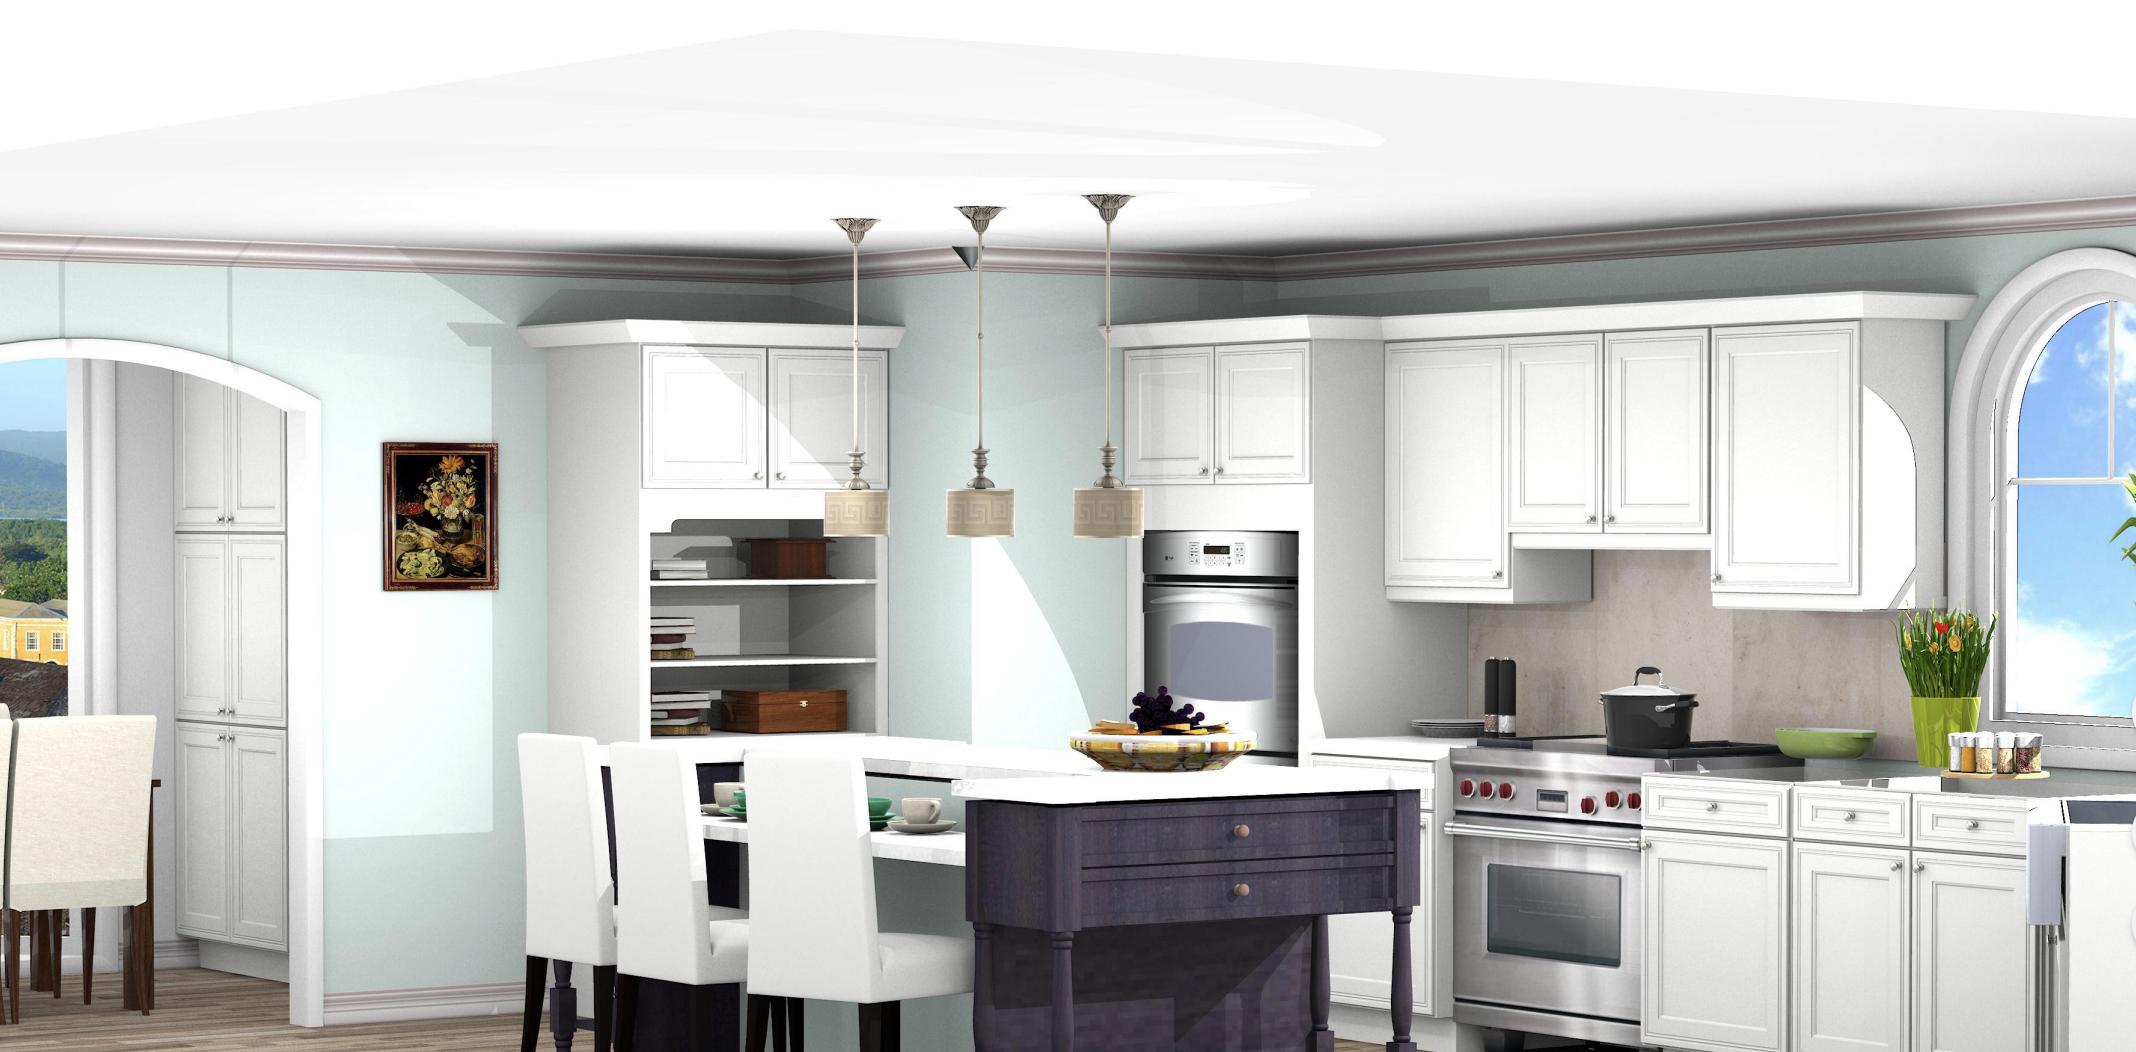 24 best online kitchen design software options in 2021